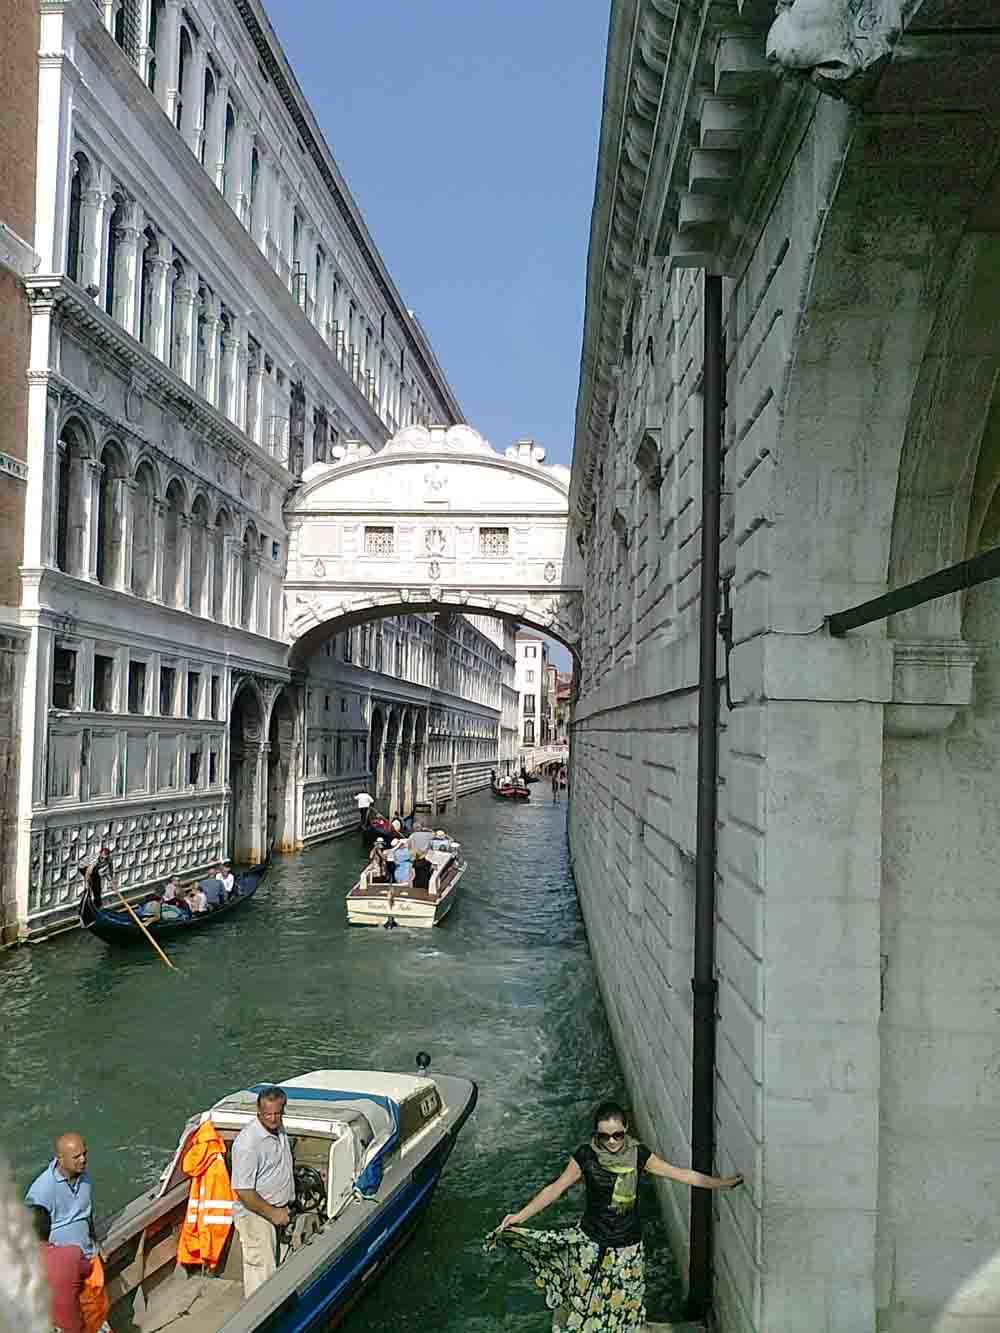 Ett av reisemålene til Oska-travel er Venezia. Her fra